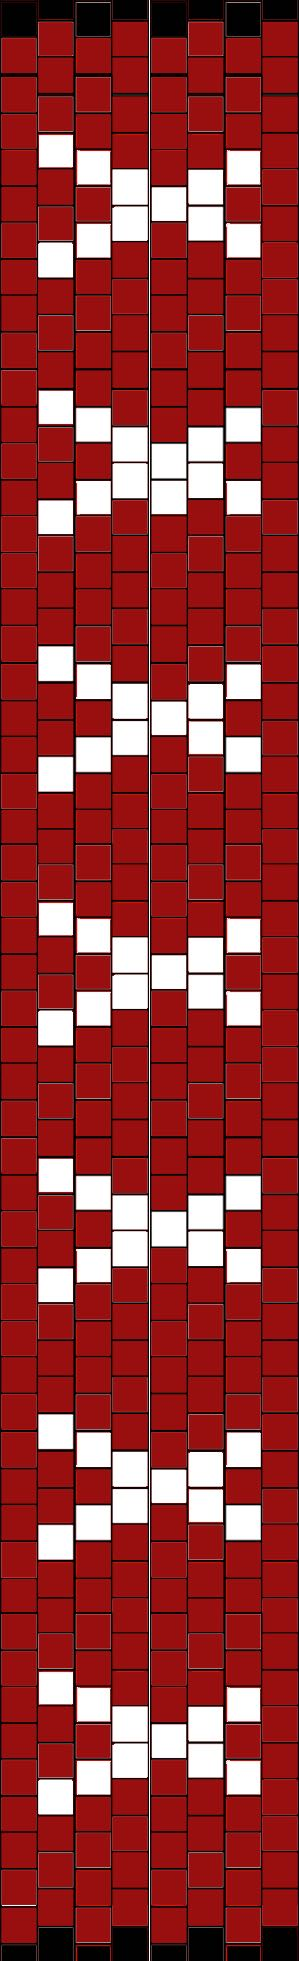 Kiss me pattern copy.jpg